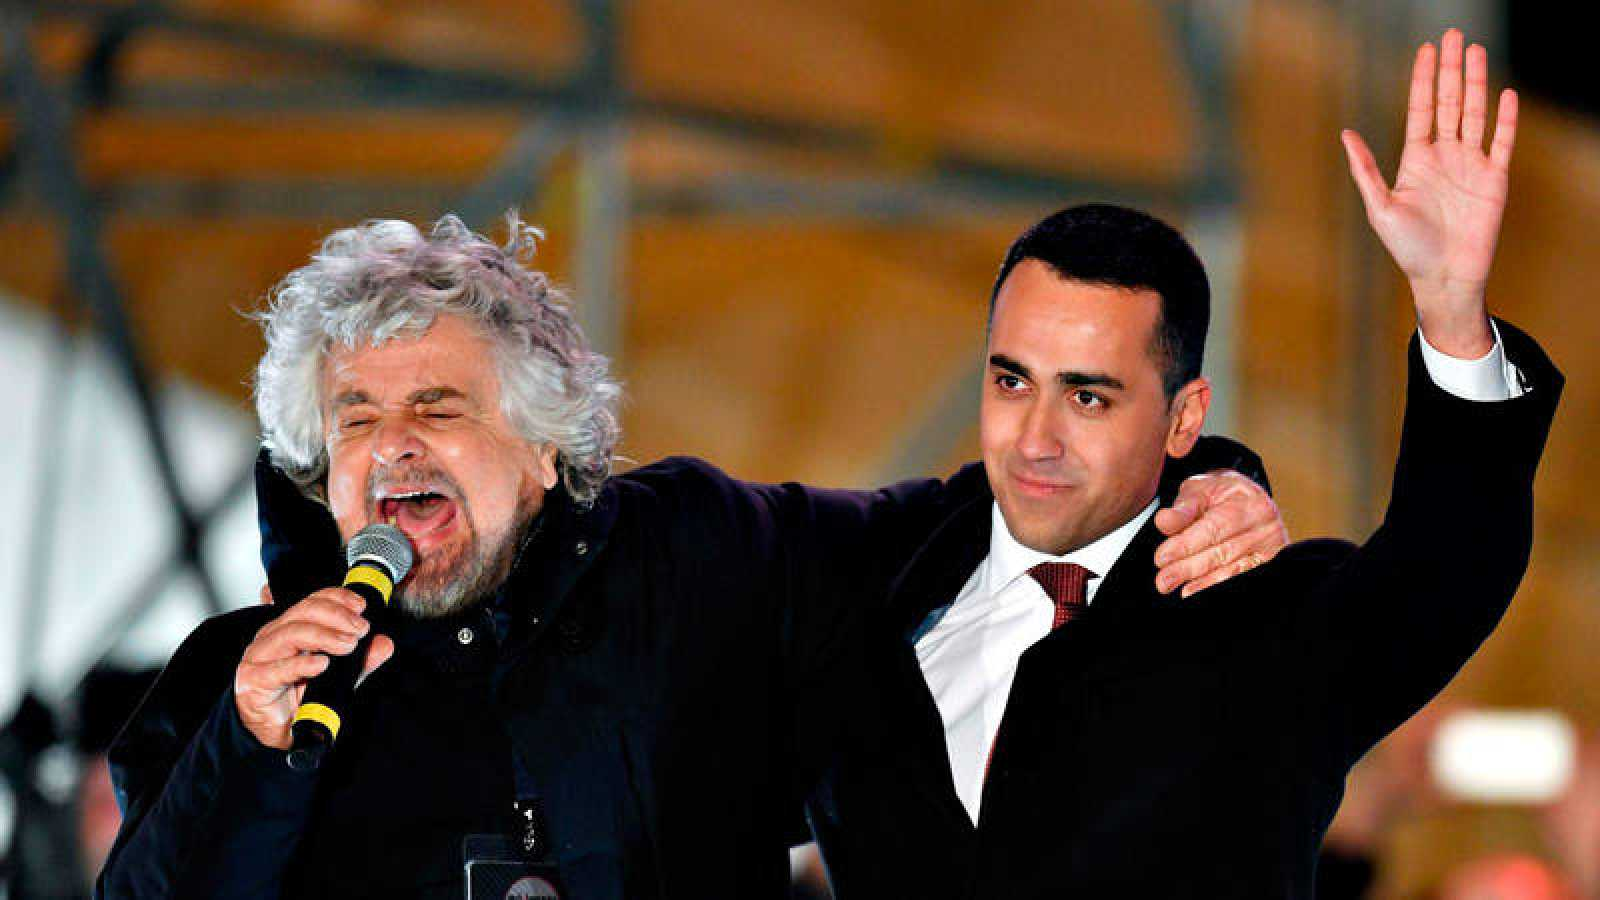 El fundador del M5S, Beppe Grillo, abraza al candidato de la formación, Luigi di Maio, en el acto de cierre de campaña